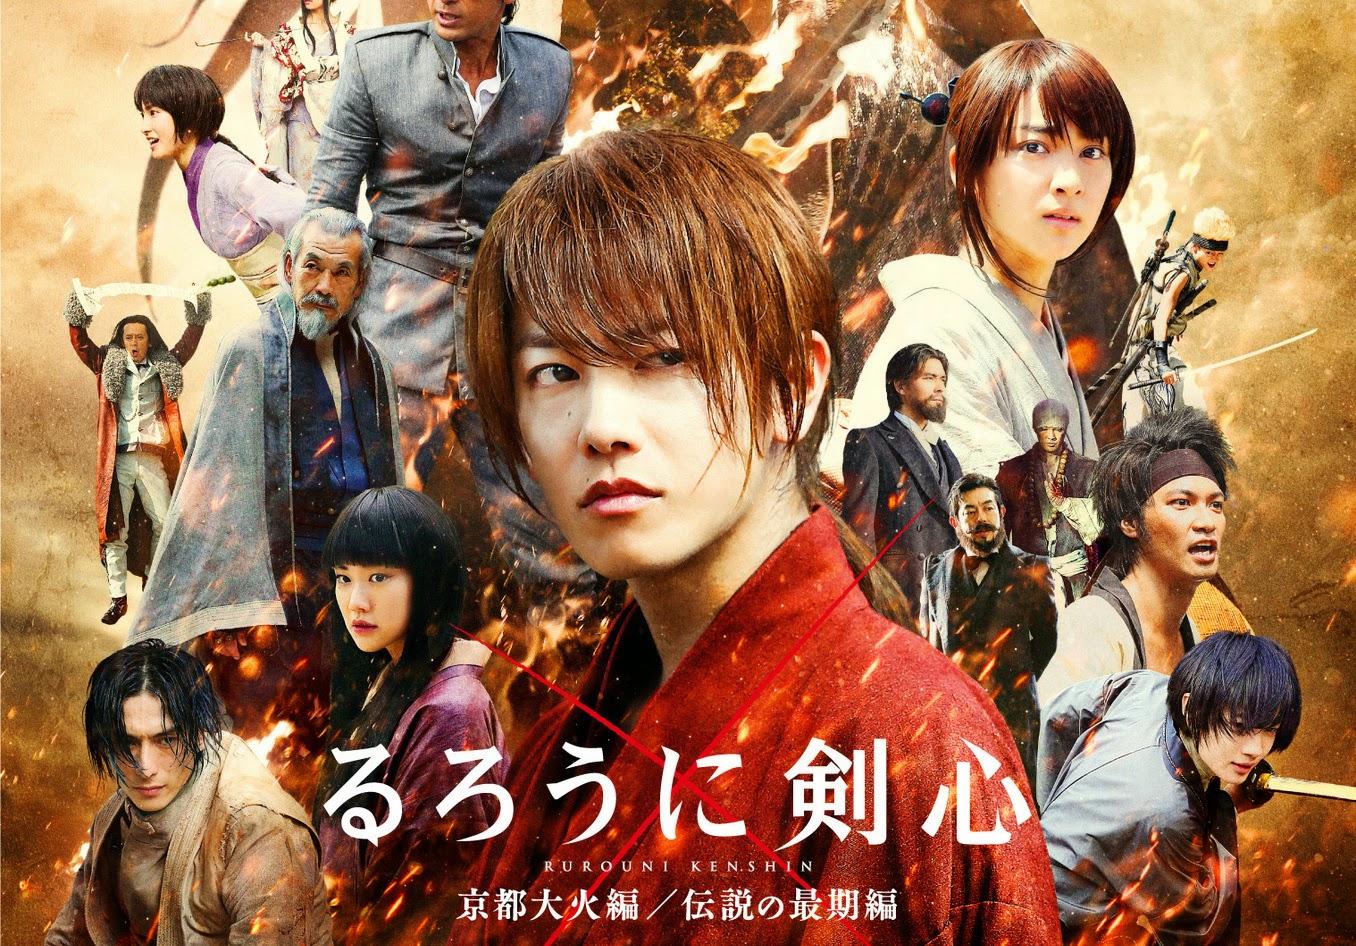 Rurouni Kenshin: Kyoto Inferno - Final Preview